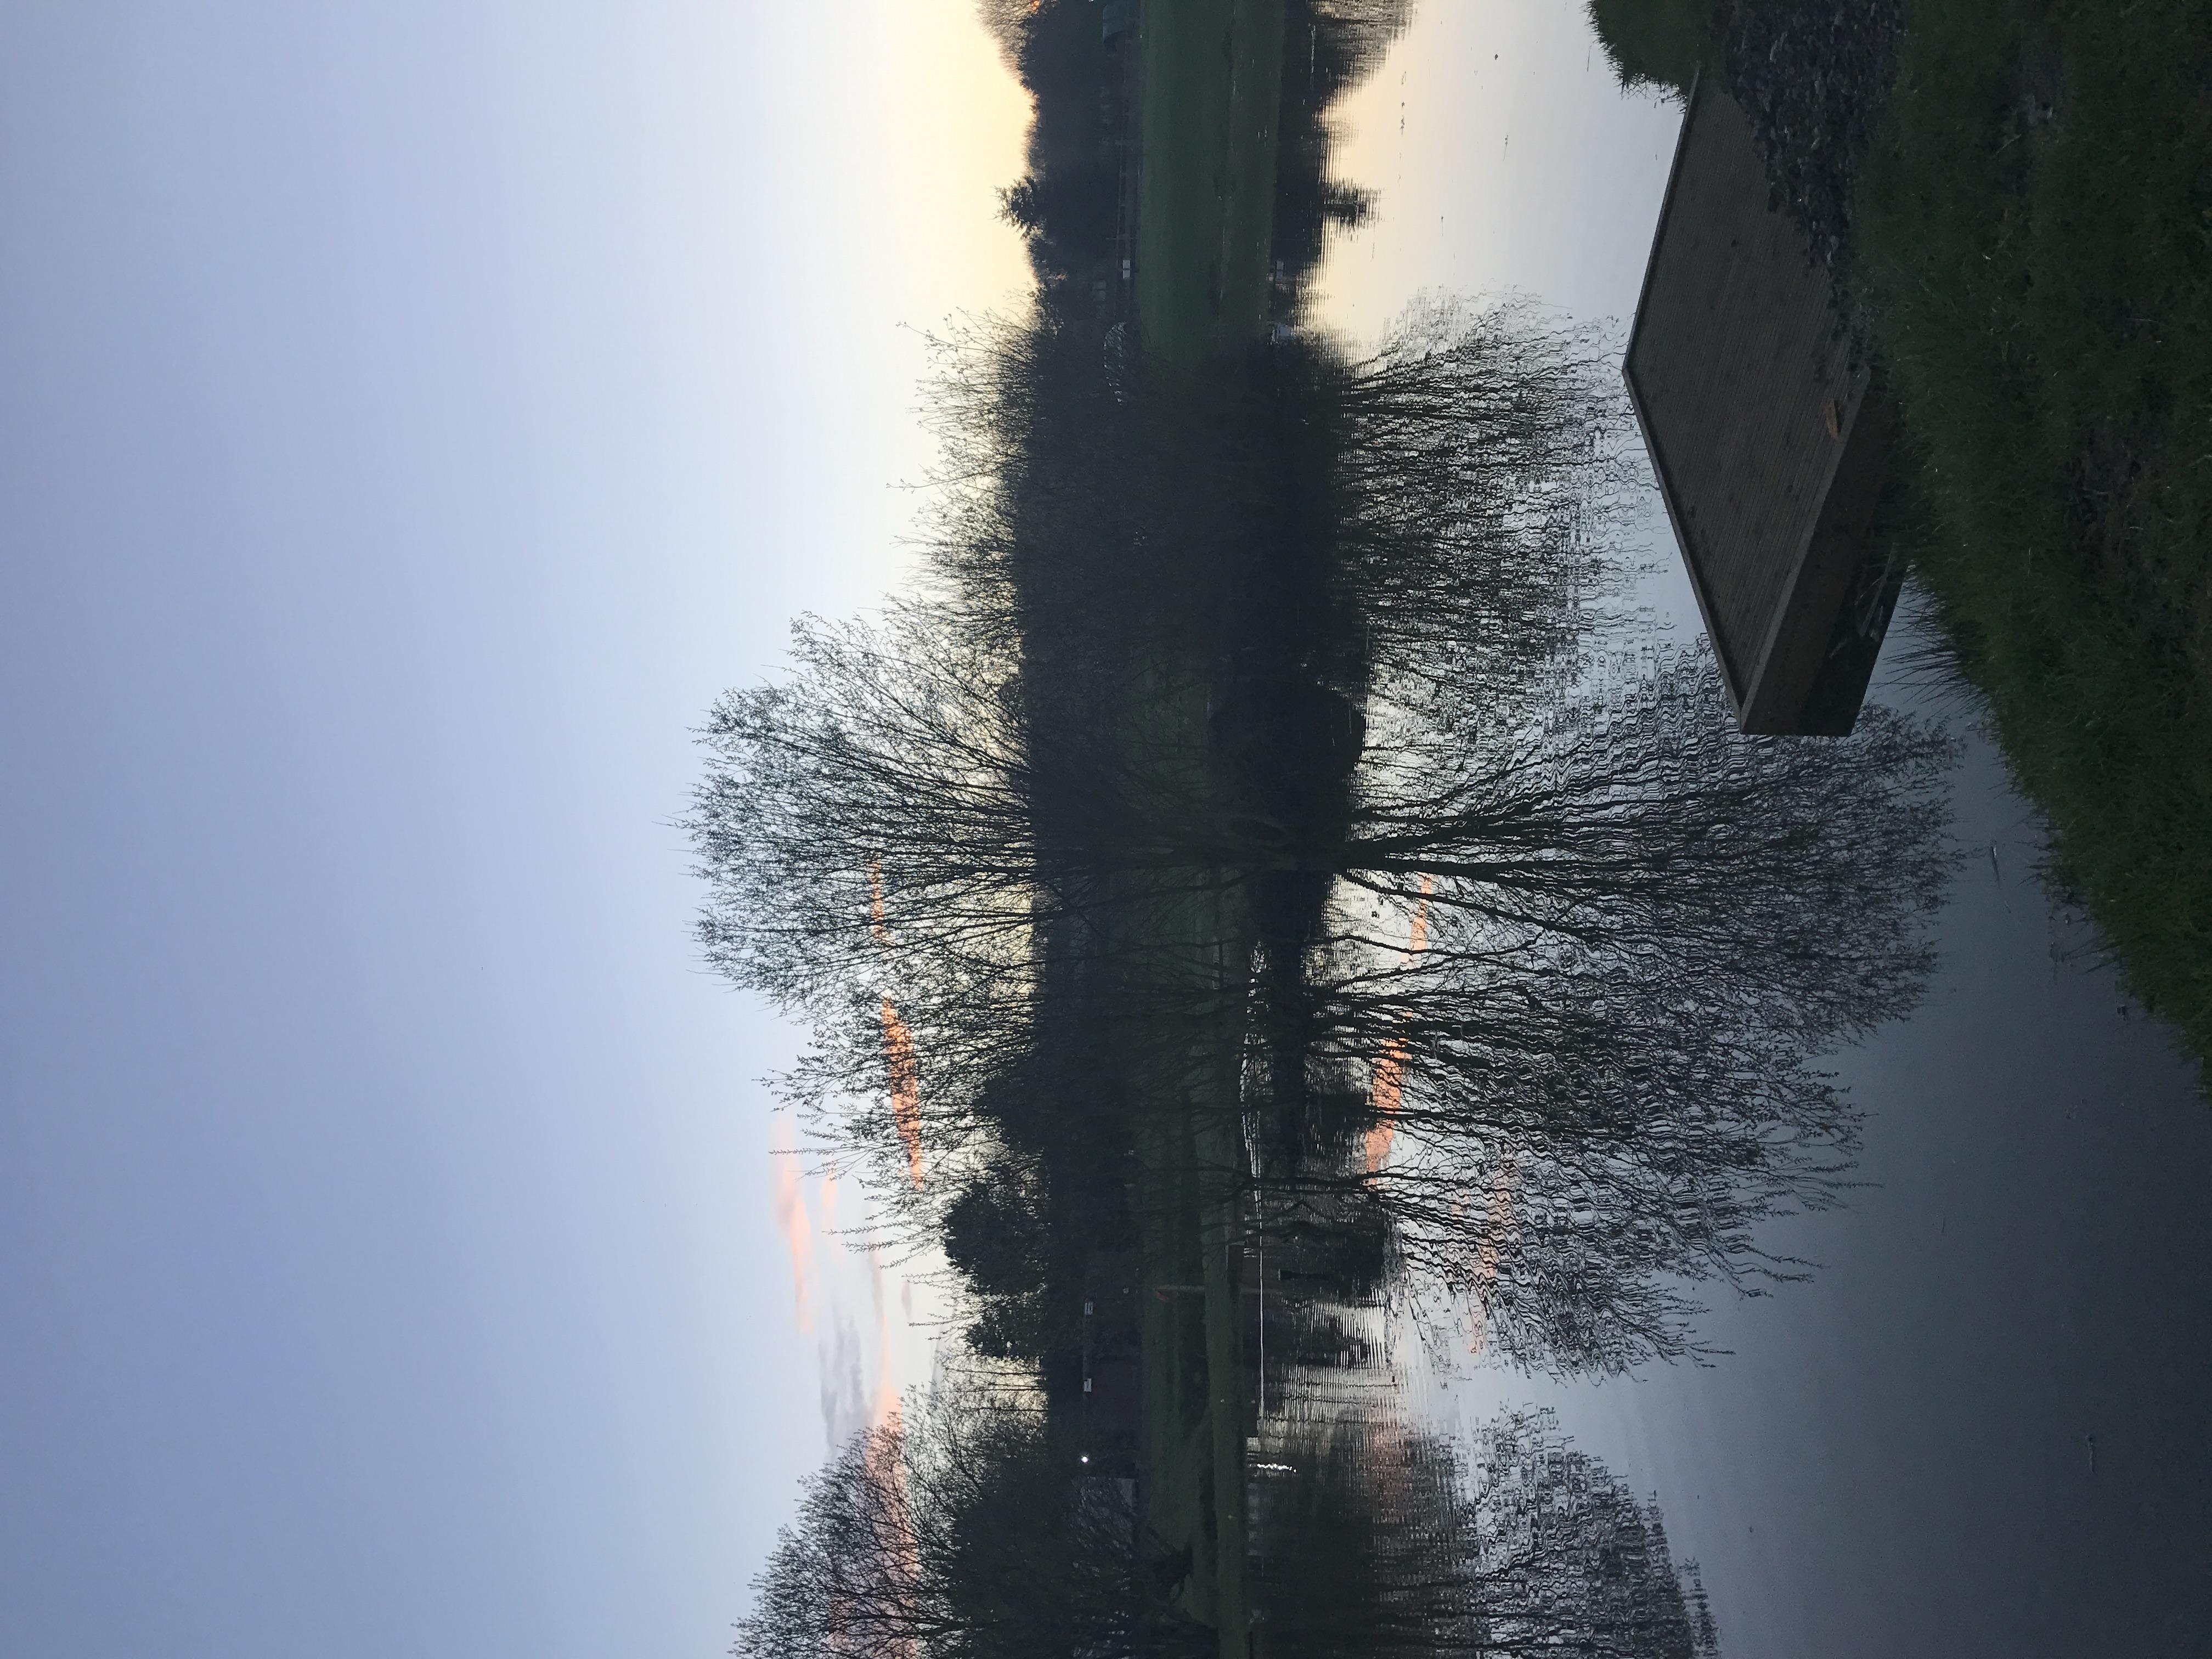 Photo 01-04-2017, 19 36 46